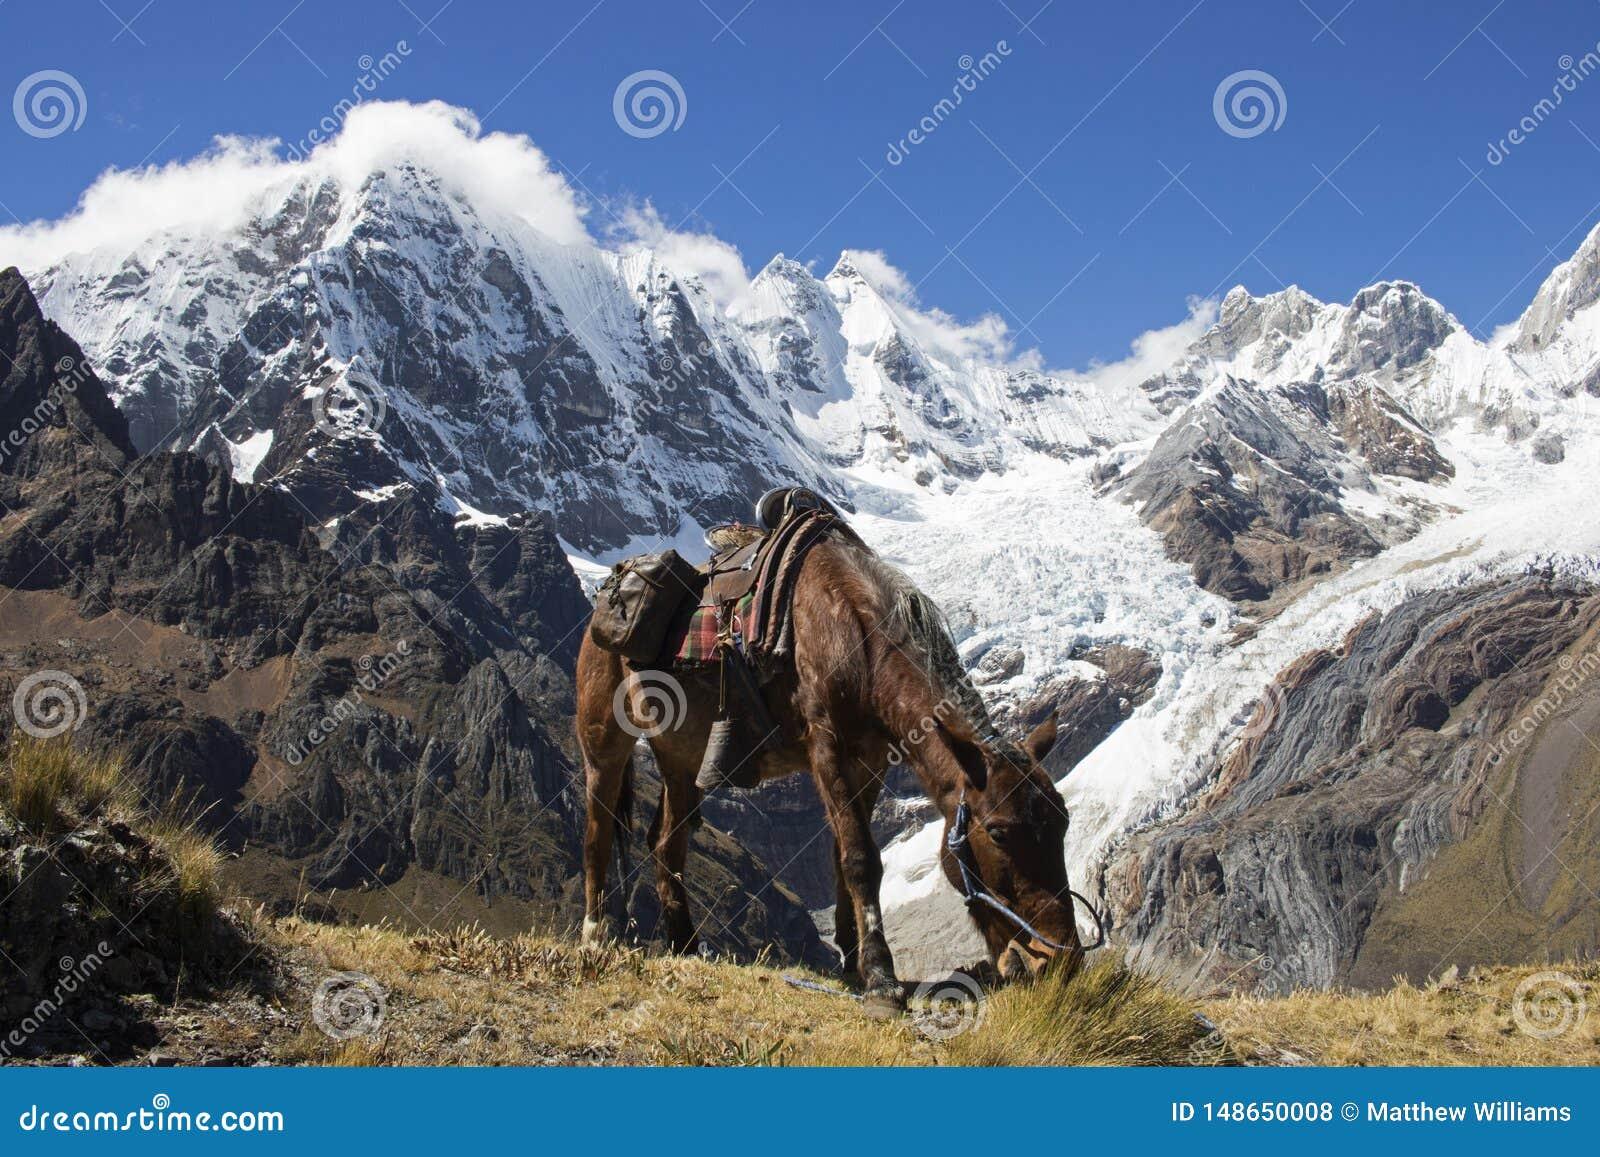 午休时间在安第斯山脉